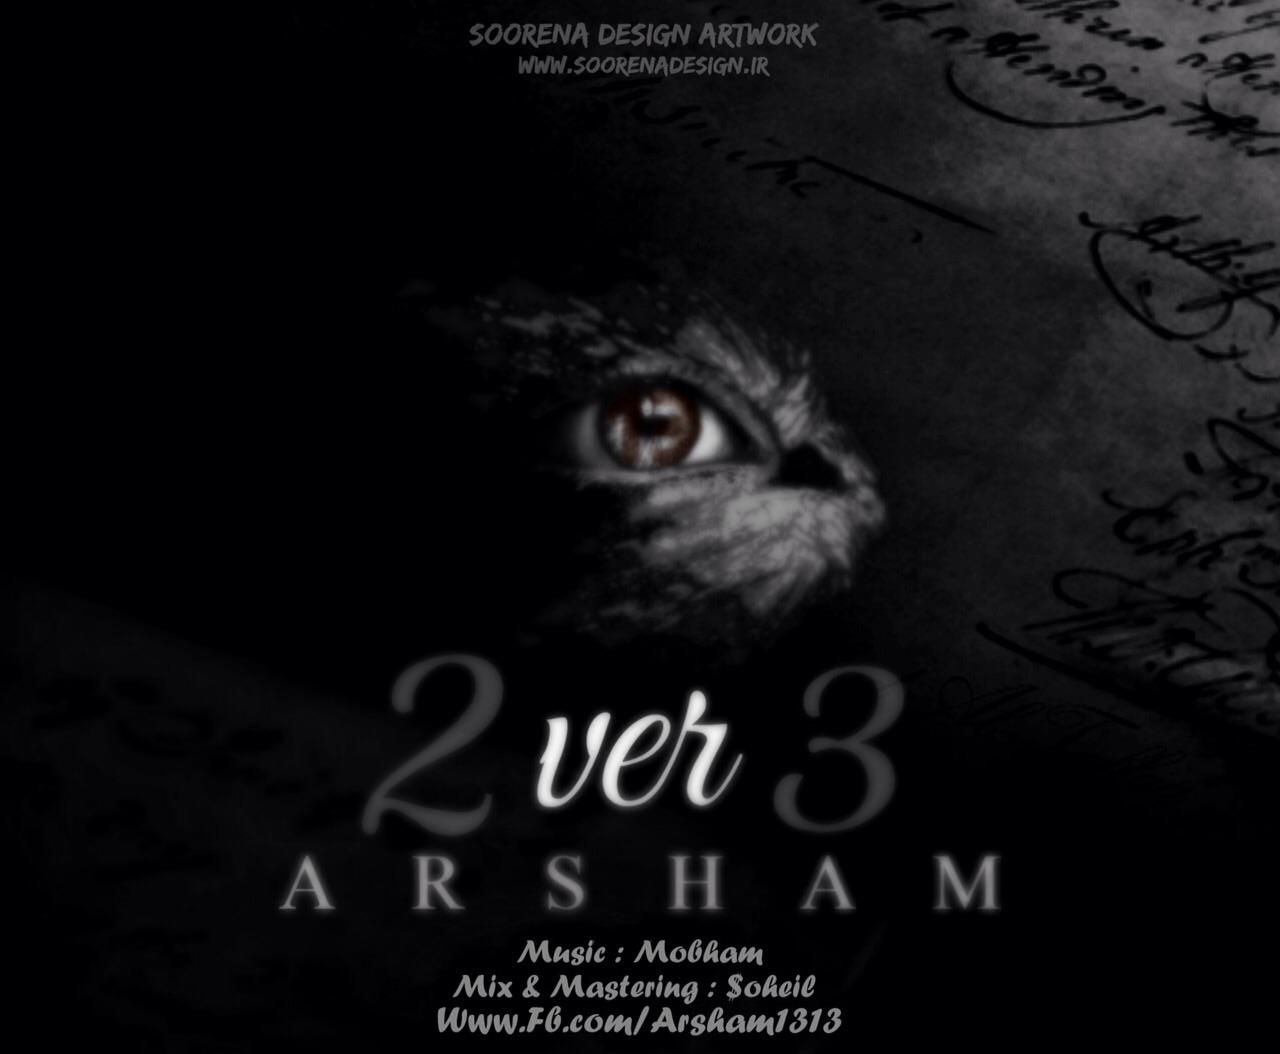 دانلود آهنگ جدید آرشام به نام 2VER3